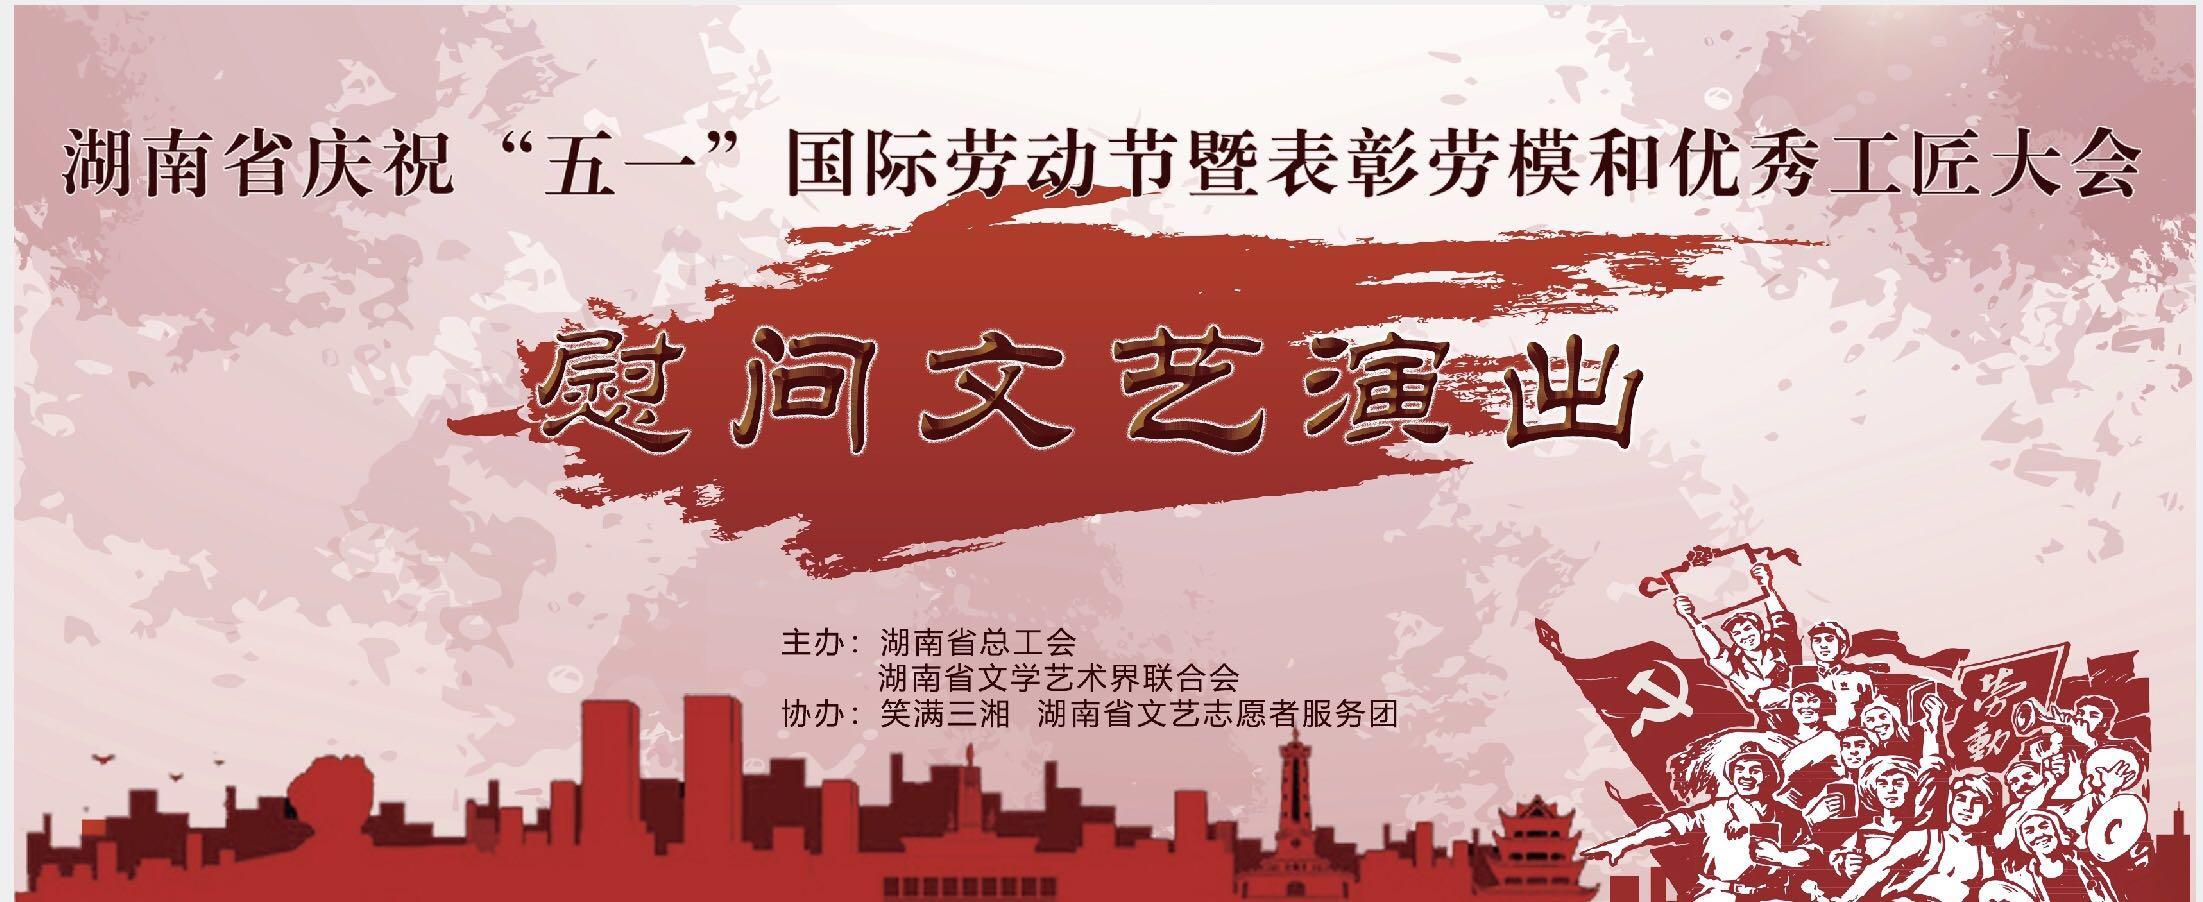 """华声直播>>湖南省庆祝""""五一""""国际劳动节暨劳模和优秀工匠大会慰问文艺演出"""